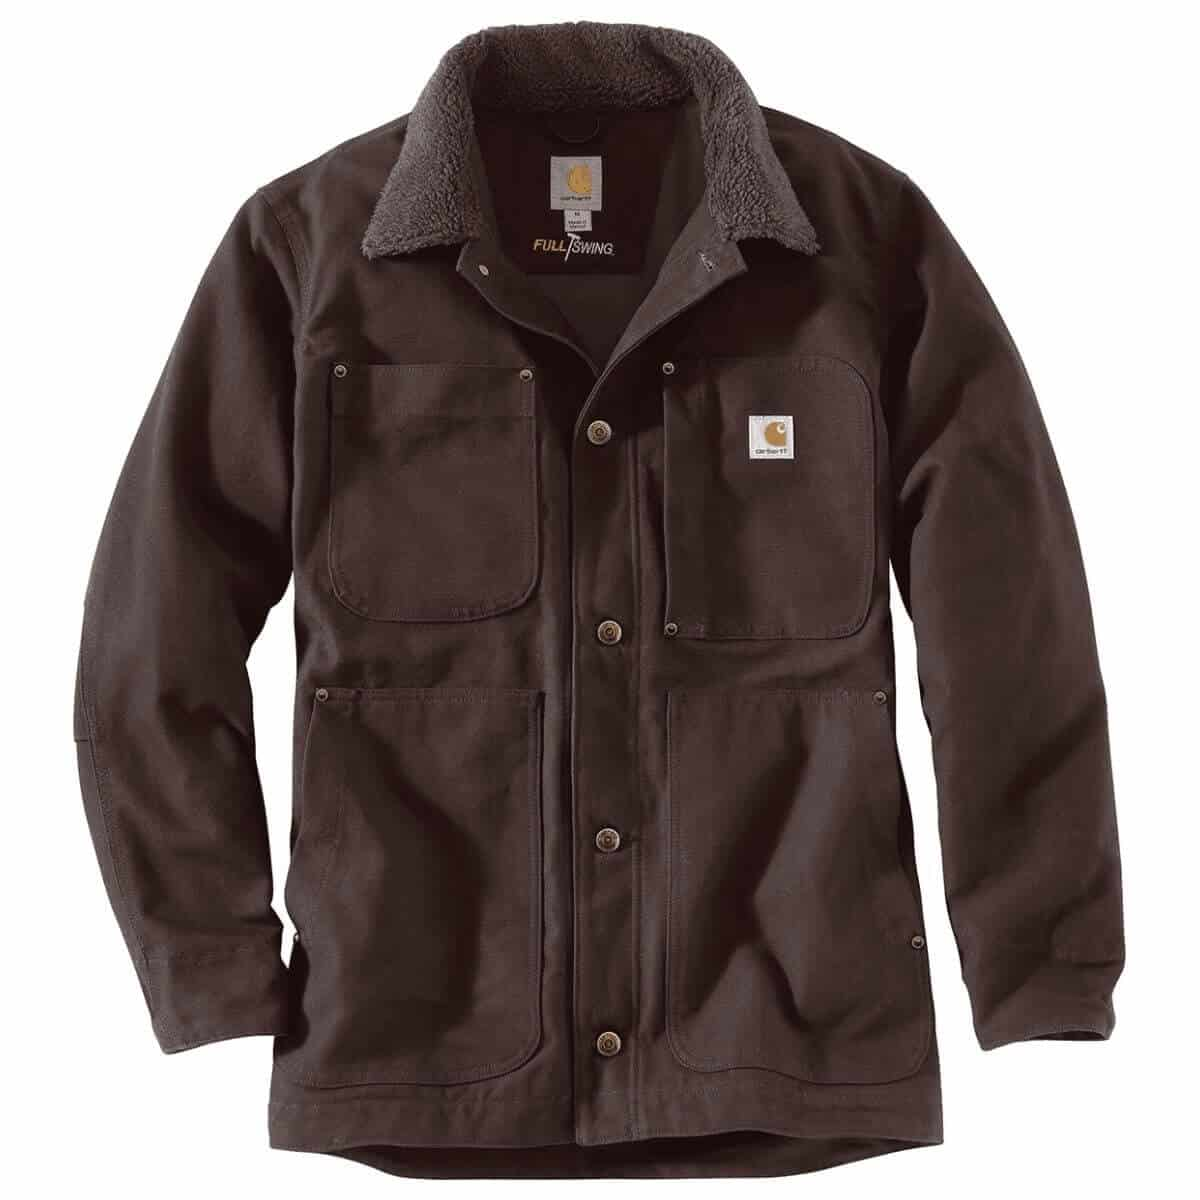 Carhartt brown chore coat.